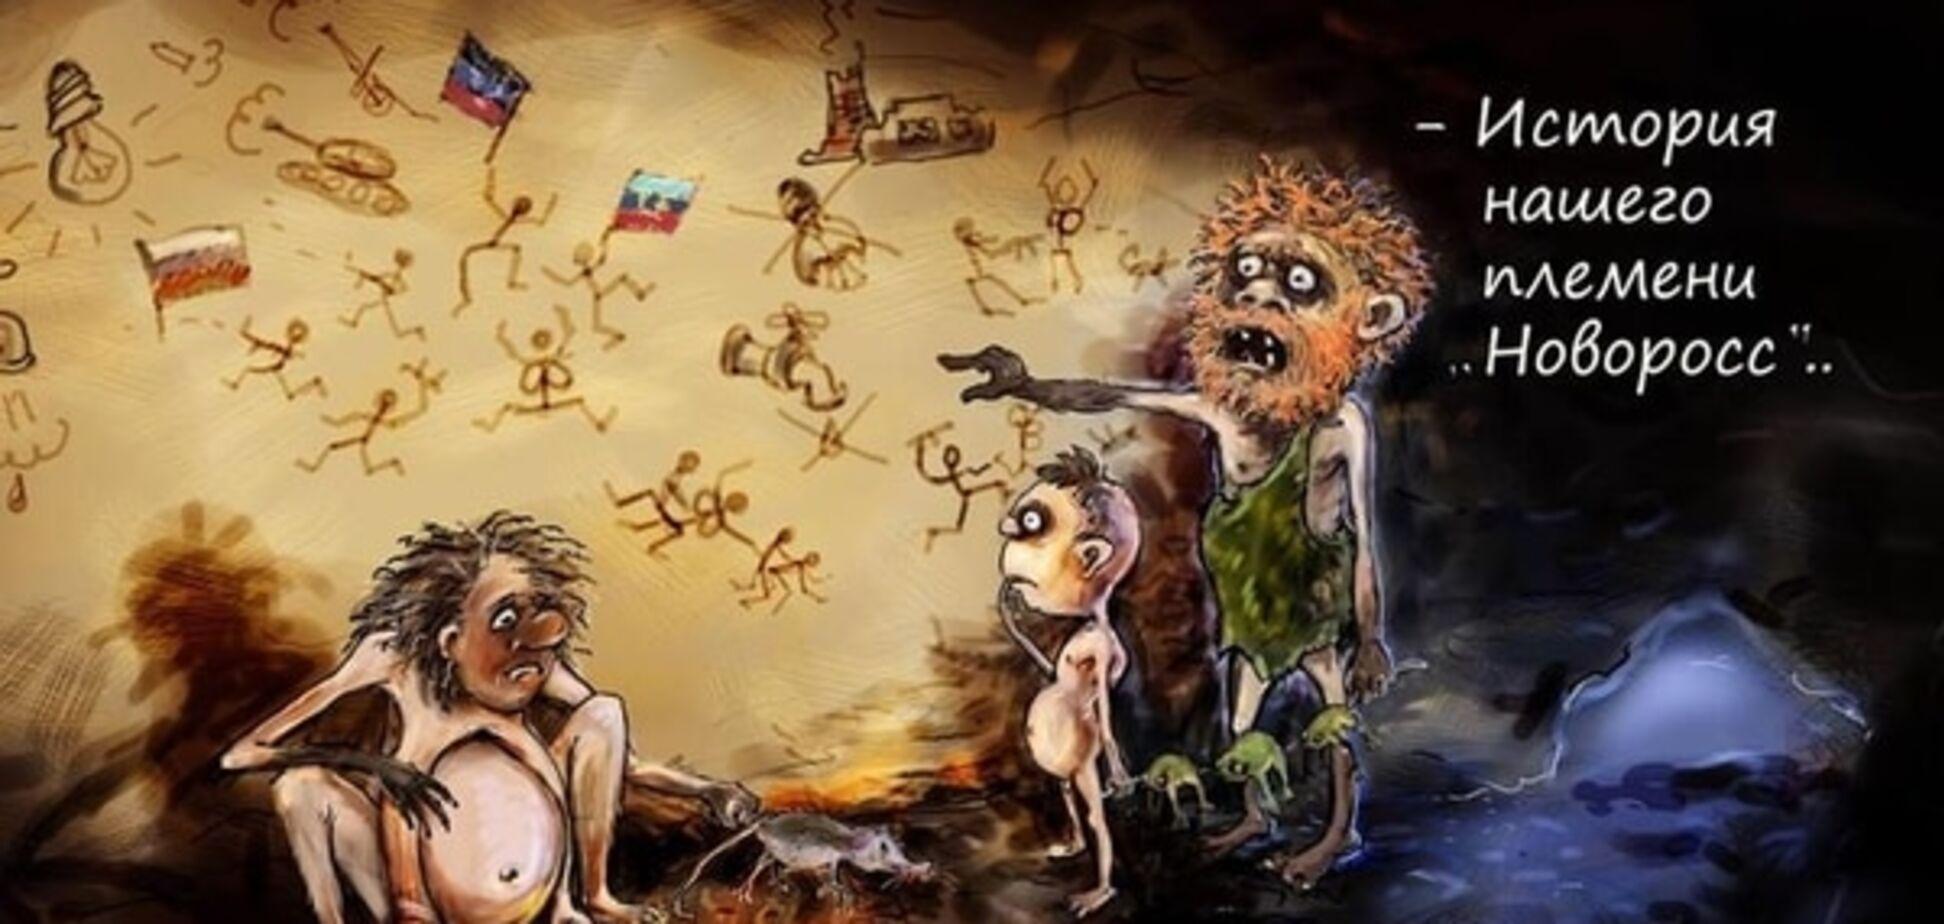 'Не м'якотілі трипільці': у 'ЛНР' пишаються тим, що вони гілка неандертальців